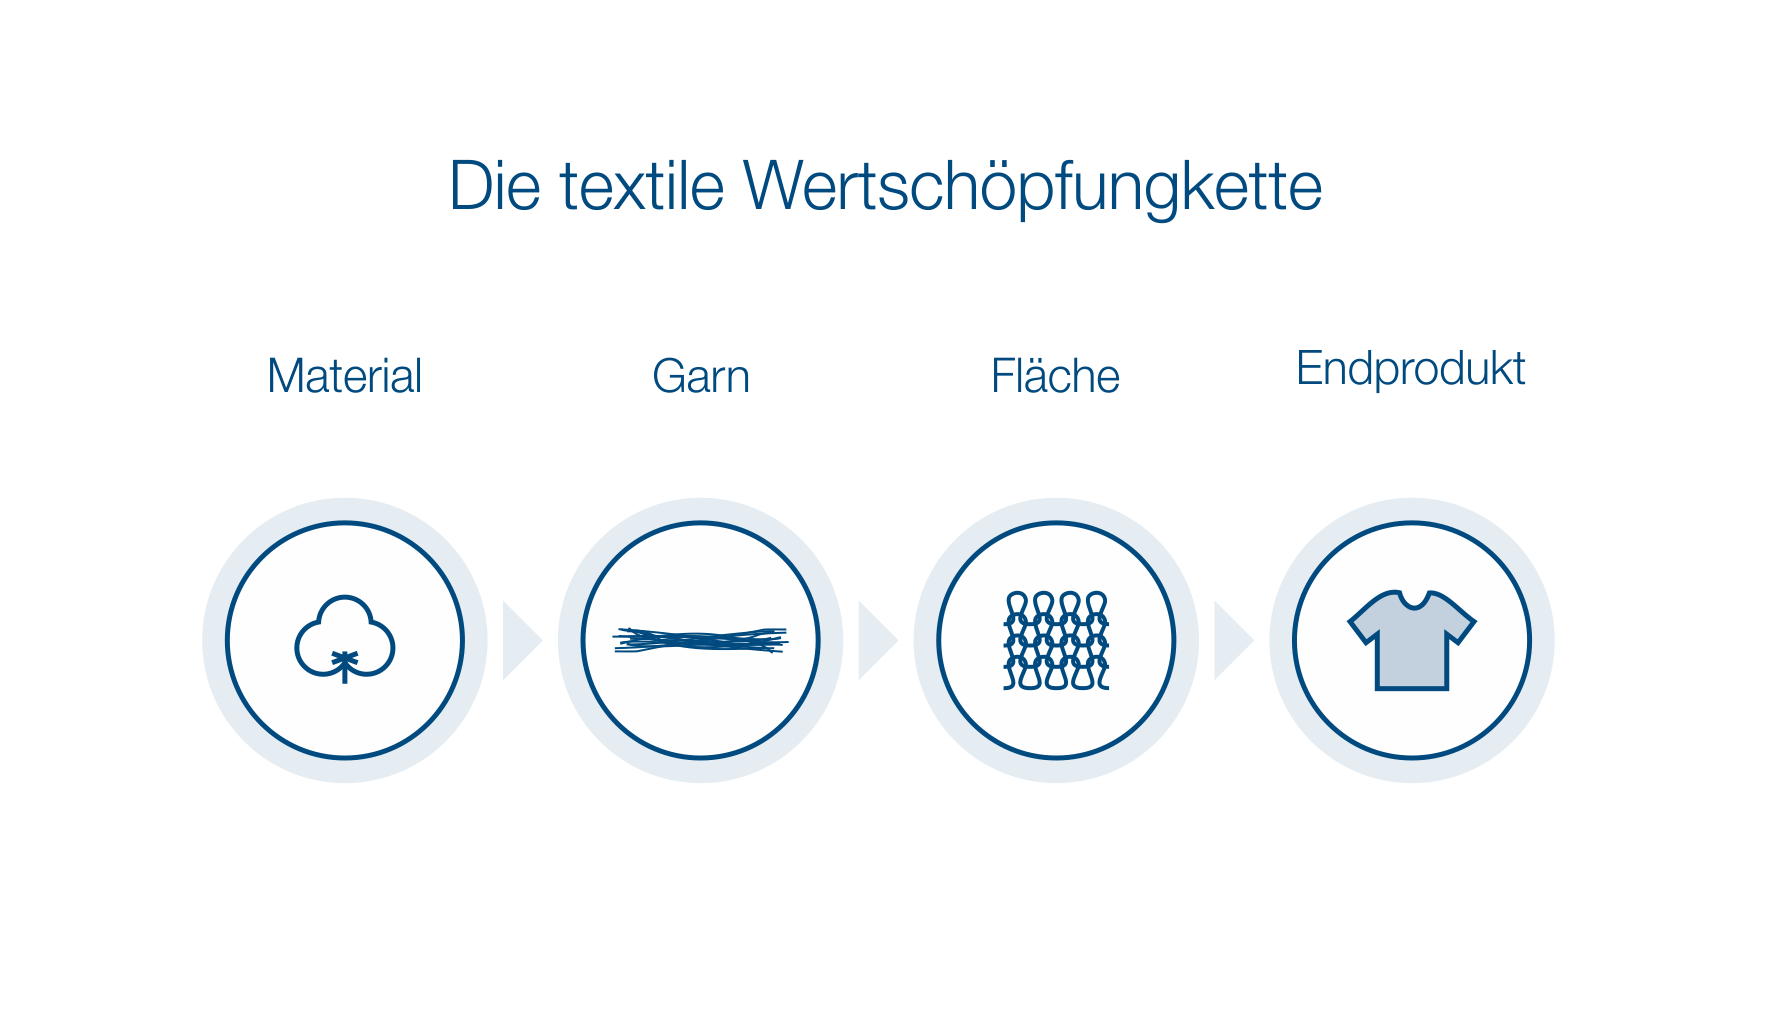 textilekettetxt